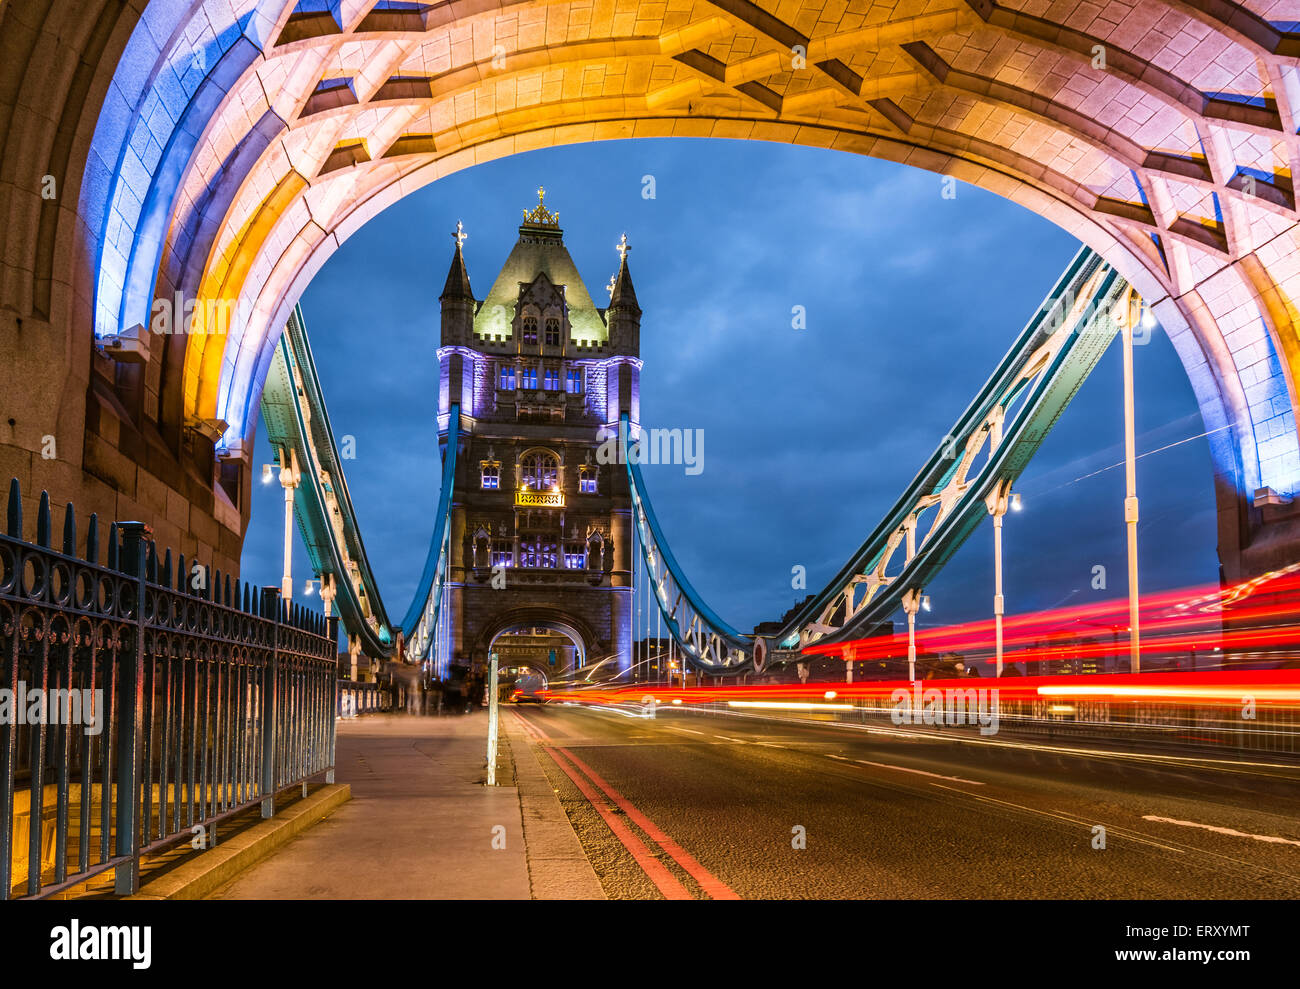 Tour pont nuit view from the bridge, Londres Royaume-Uni. Un pont suspendu et basculant combiné qui traverse Photo Stock